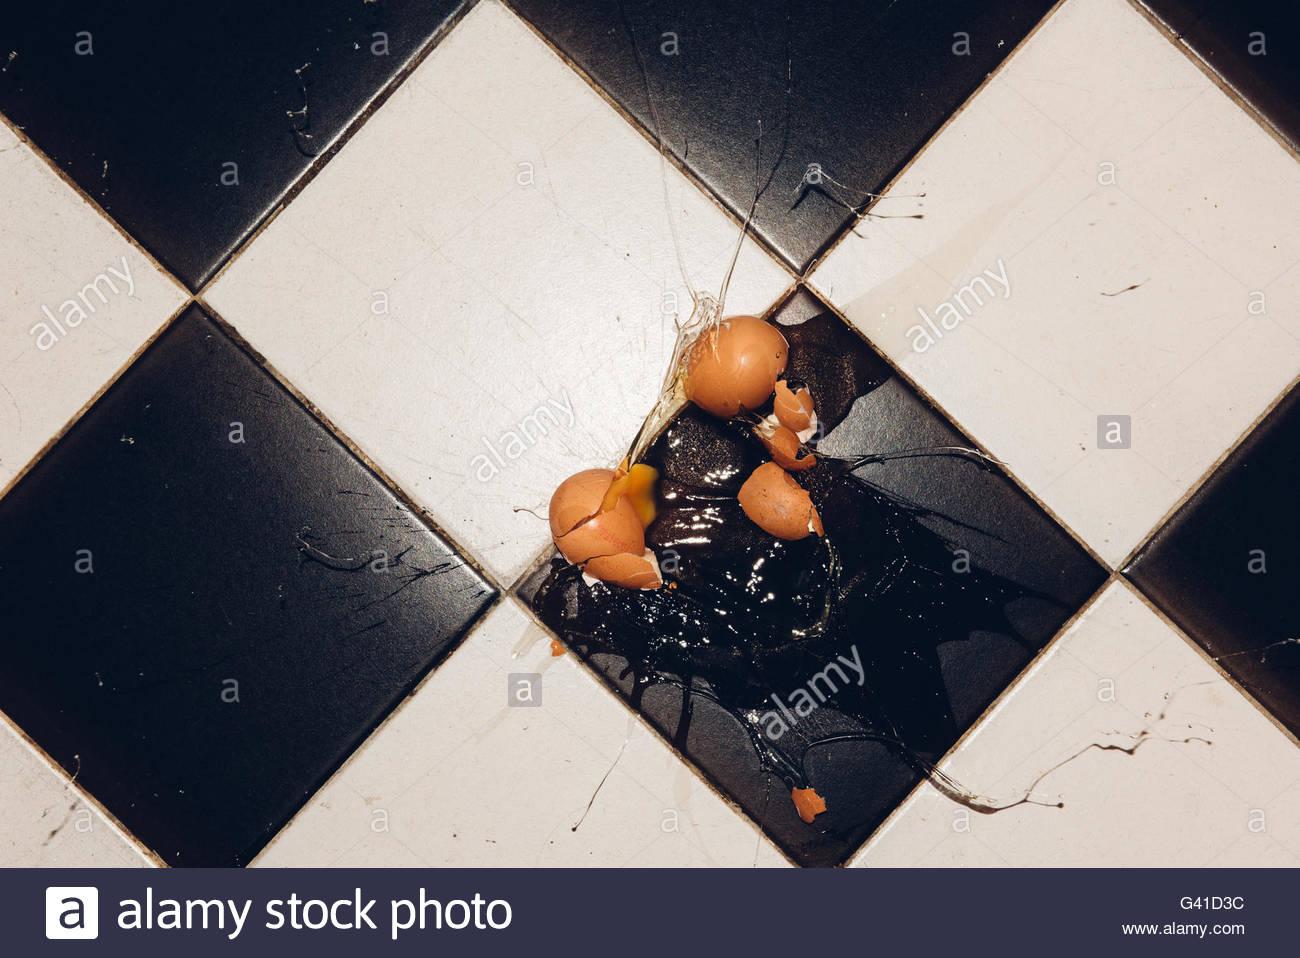 Uova rotte sul pavimento piastrellato con tuorlo d uovo opener e